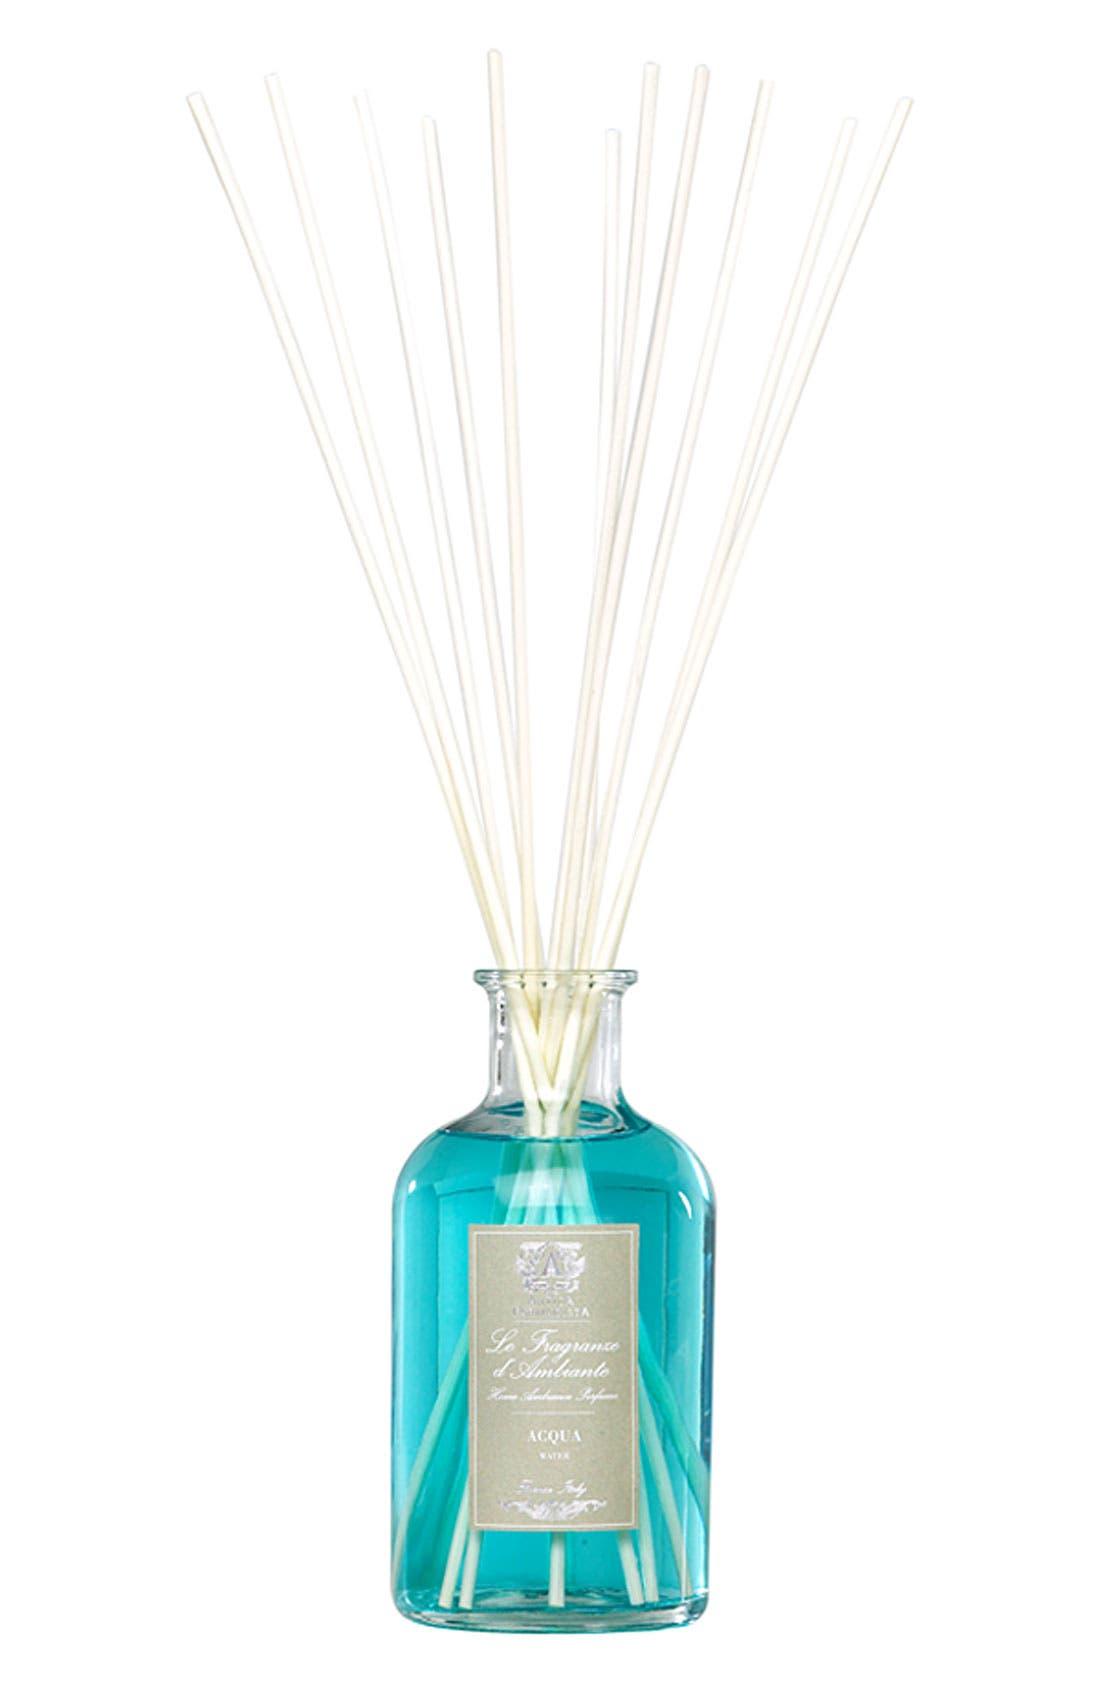 Antica Farmacista Acqua Home Ambiance Perfume